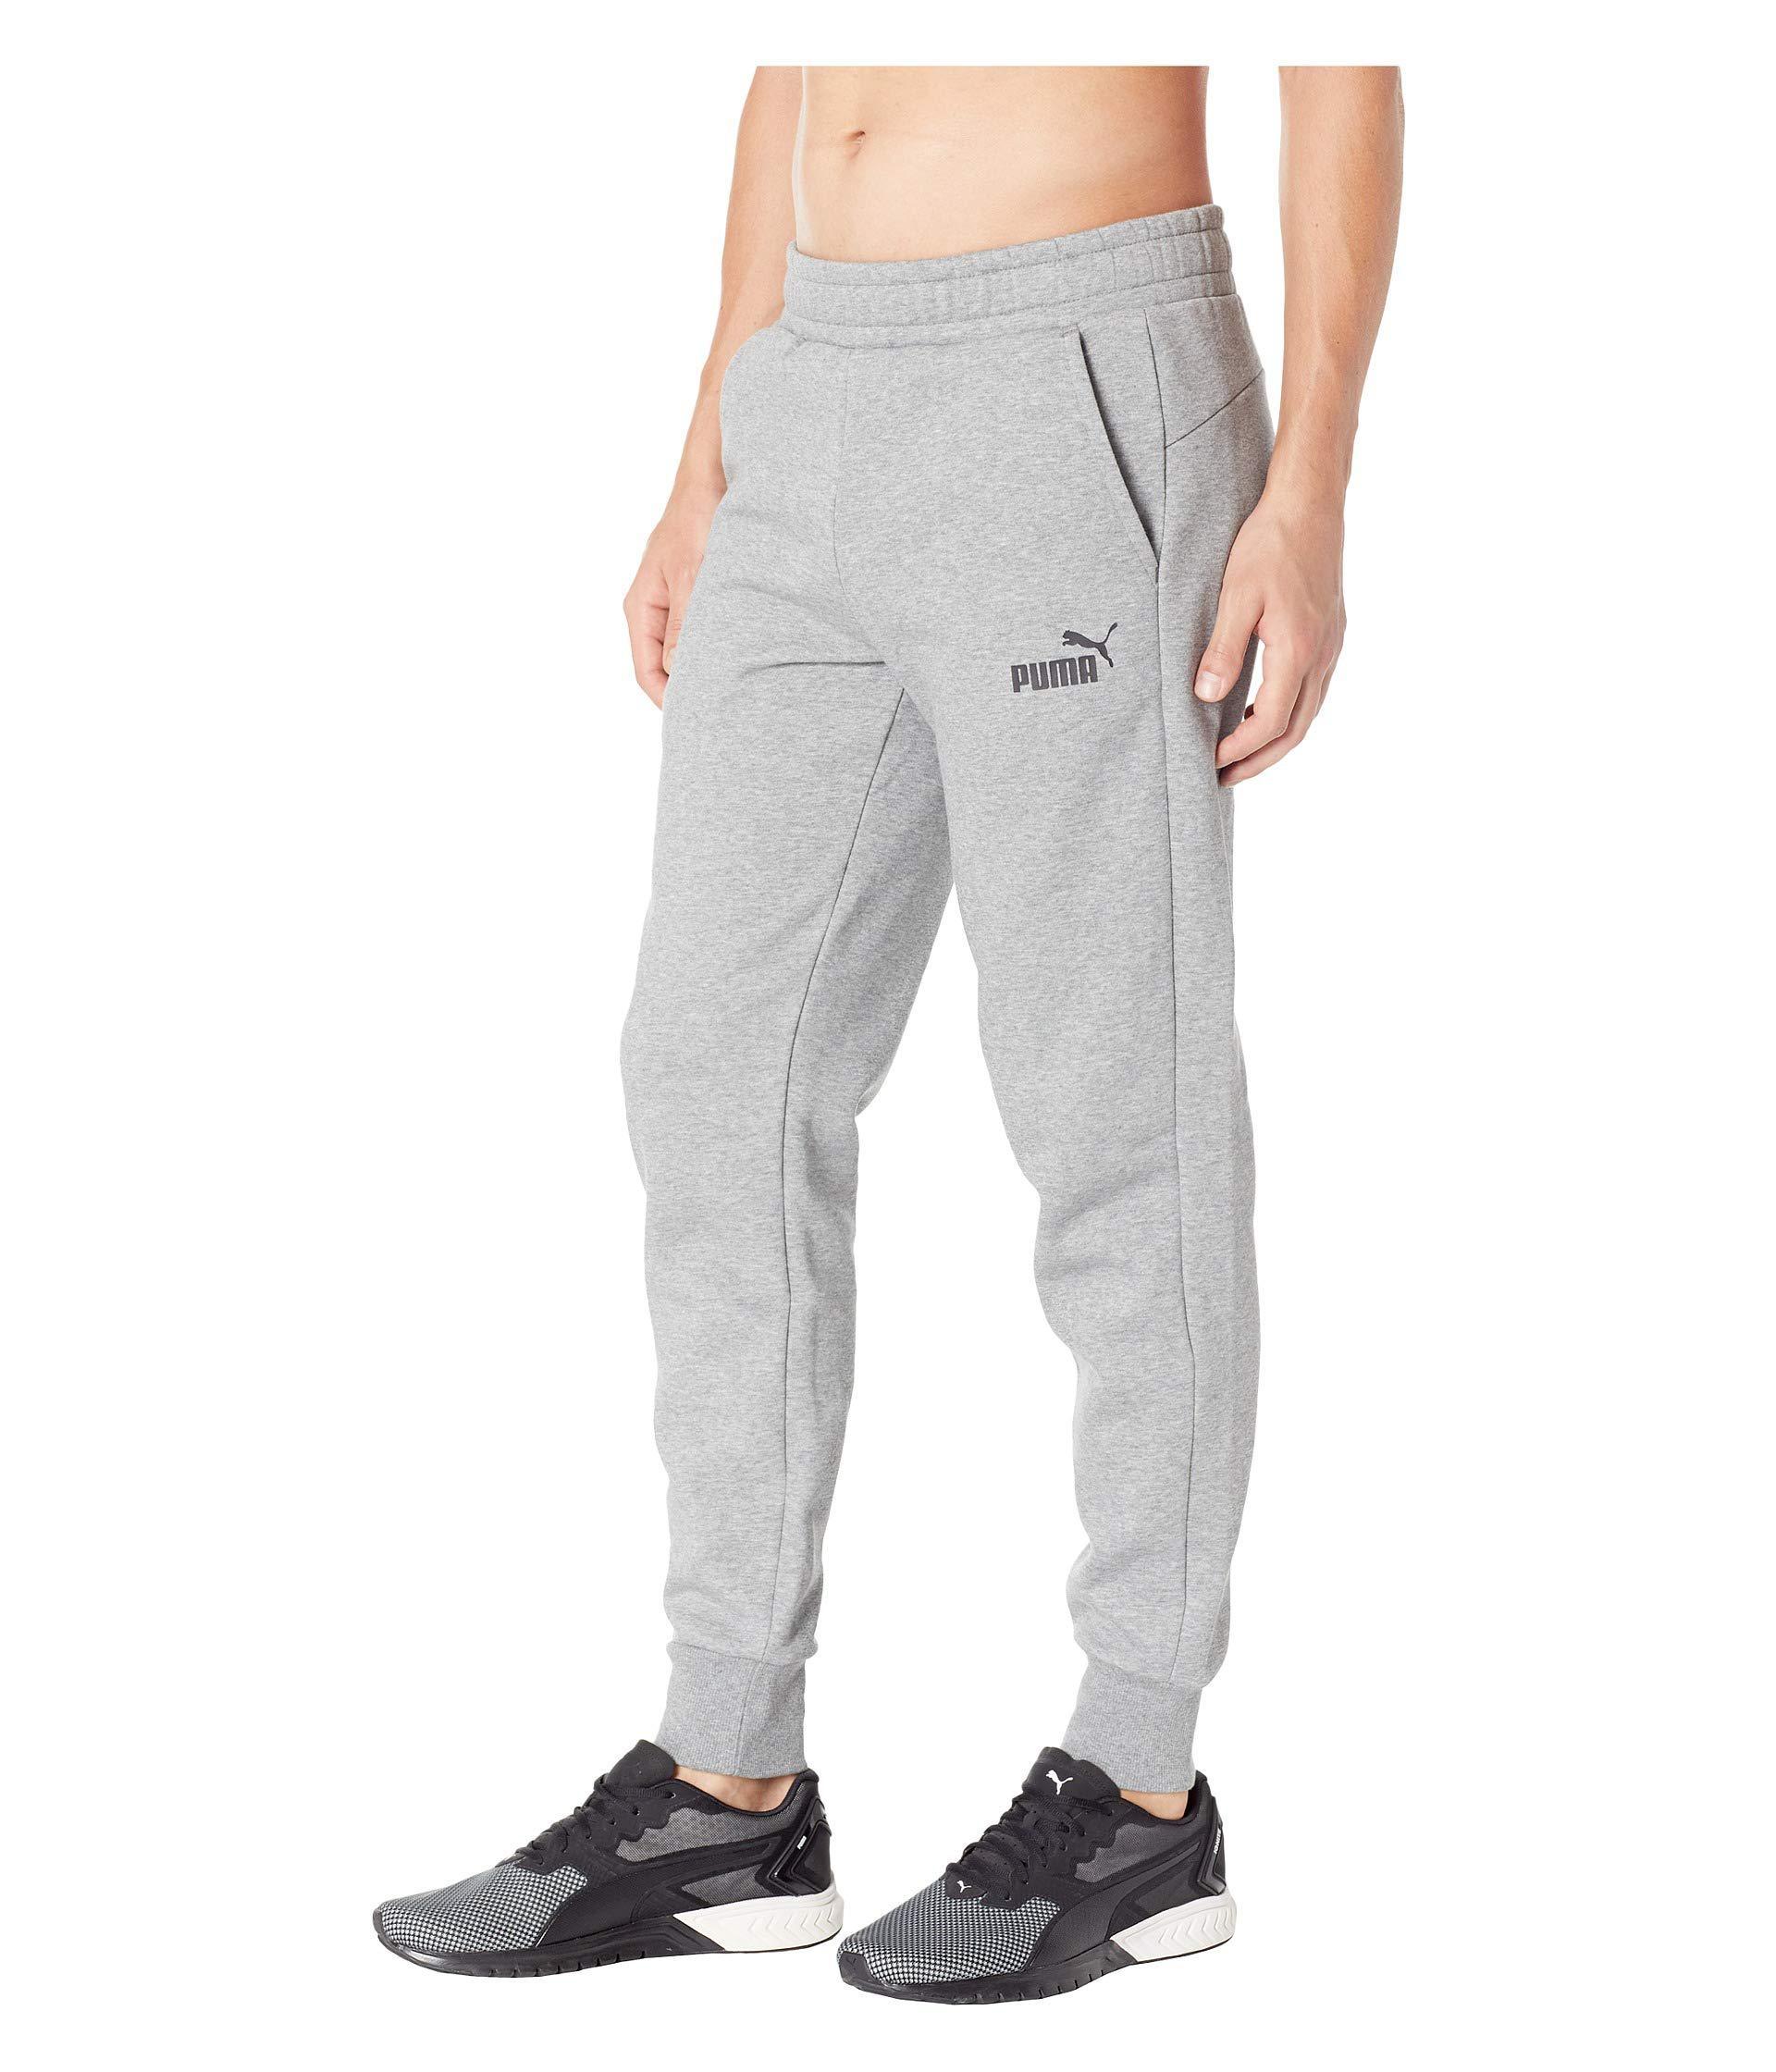 cb63f93d2591 PUMA - Gray Essential Logo Pants Fleece Cl for Men - Lyst. View fullscreen